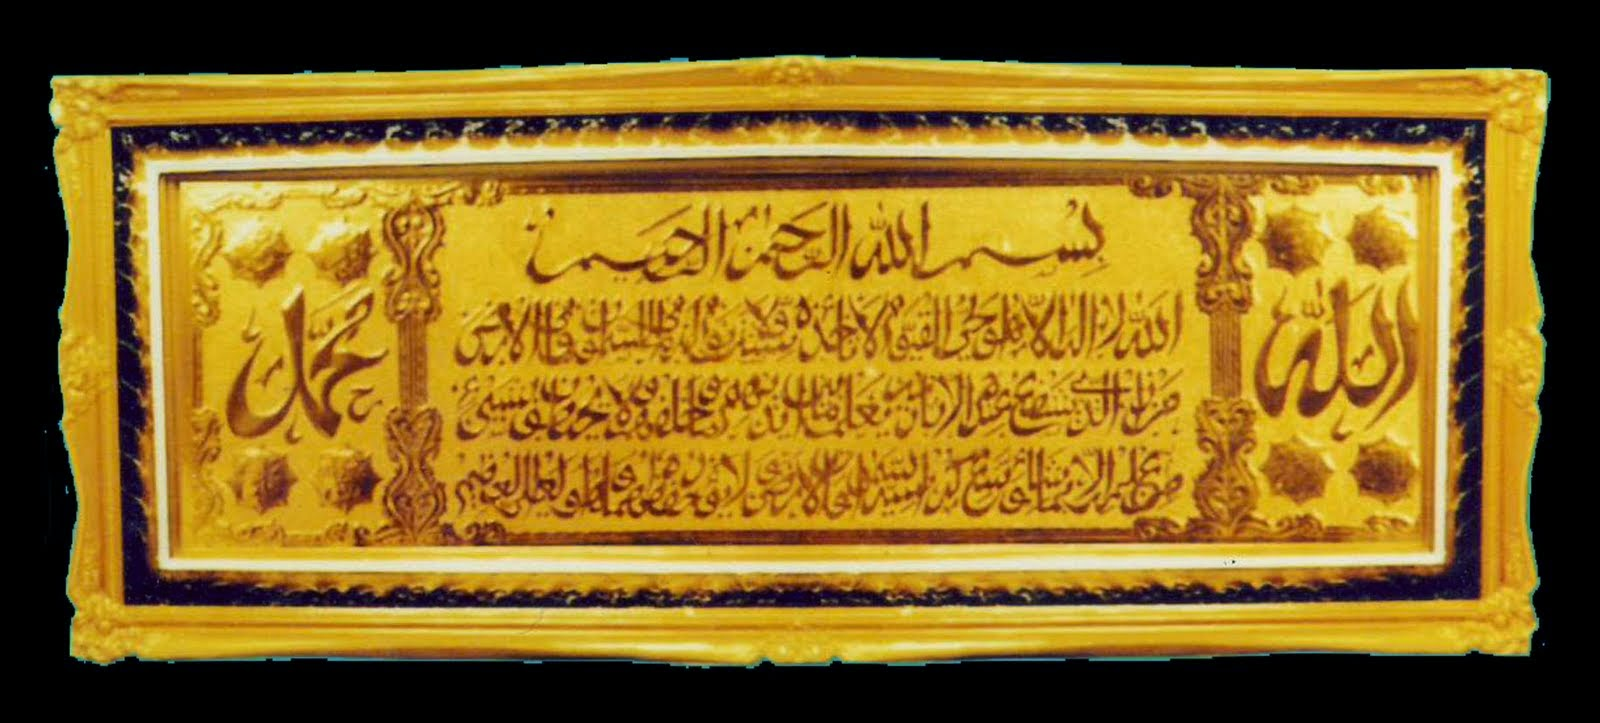 ... GAMBAR KALIGRAFI AYAT KURSI | Kaligrafi Arab Ayat Kursi Asma ALLAH